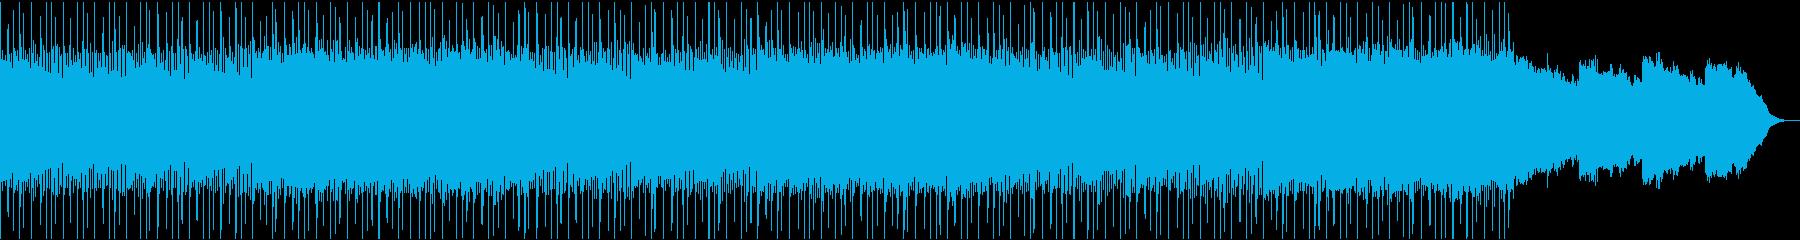 CHILLでLo-fiなビートです。の再生済みの波形